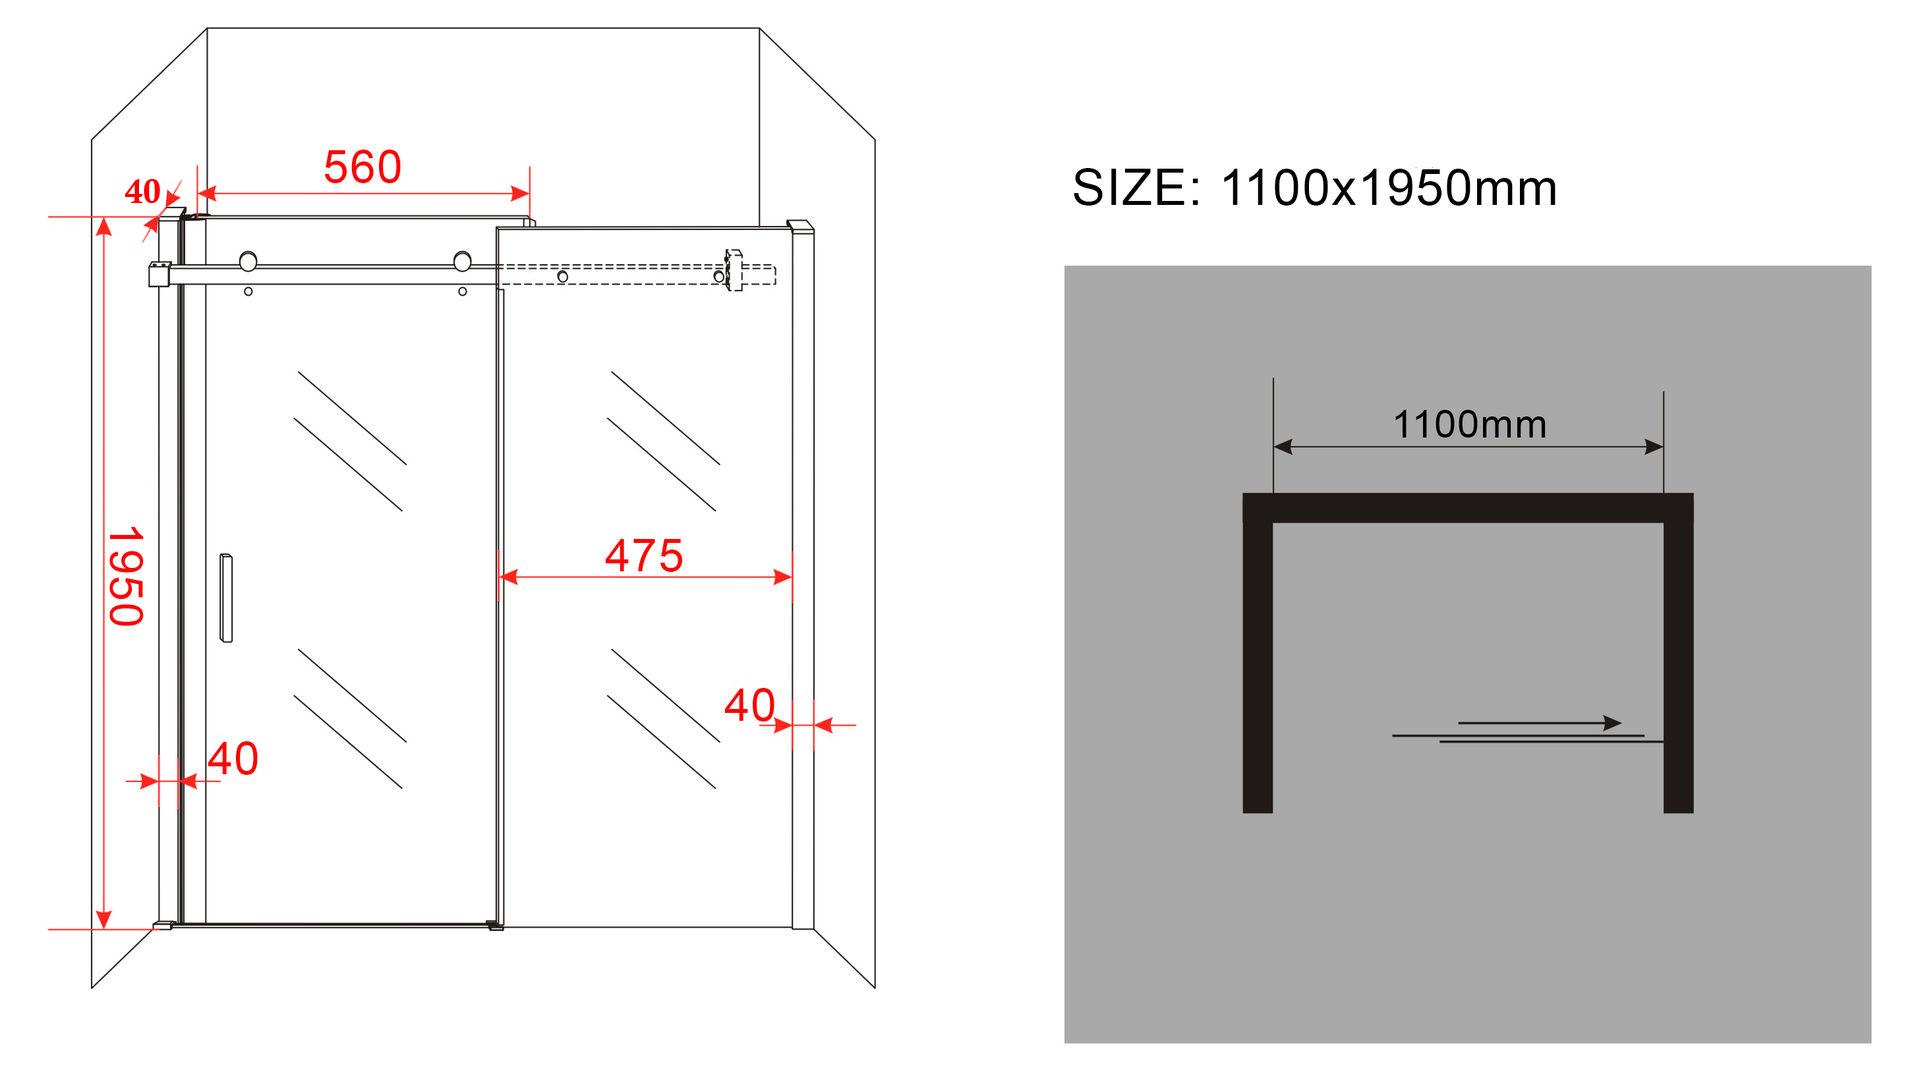 SKIDO-100-174-Schiebetuer-Nischentuer-Duschtuer-Duschabtrennung-Dusche-Duschkabine